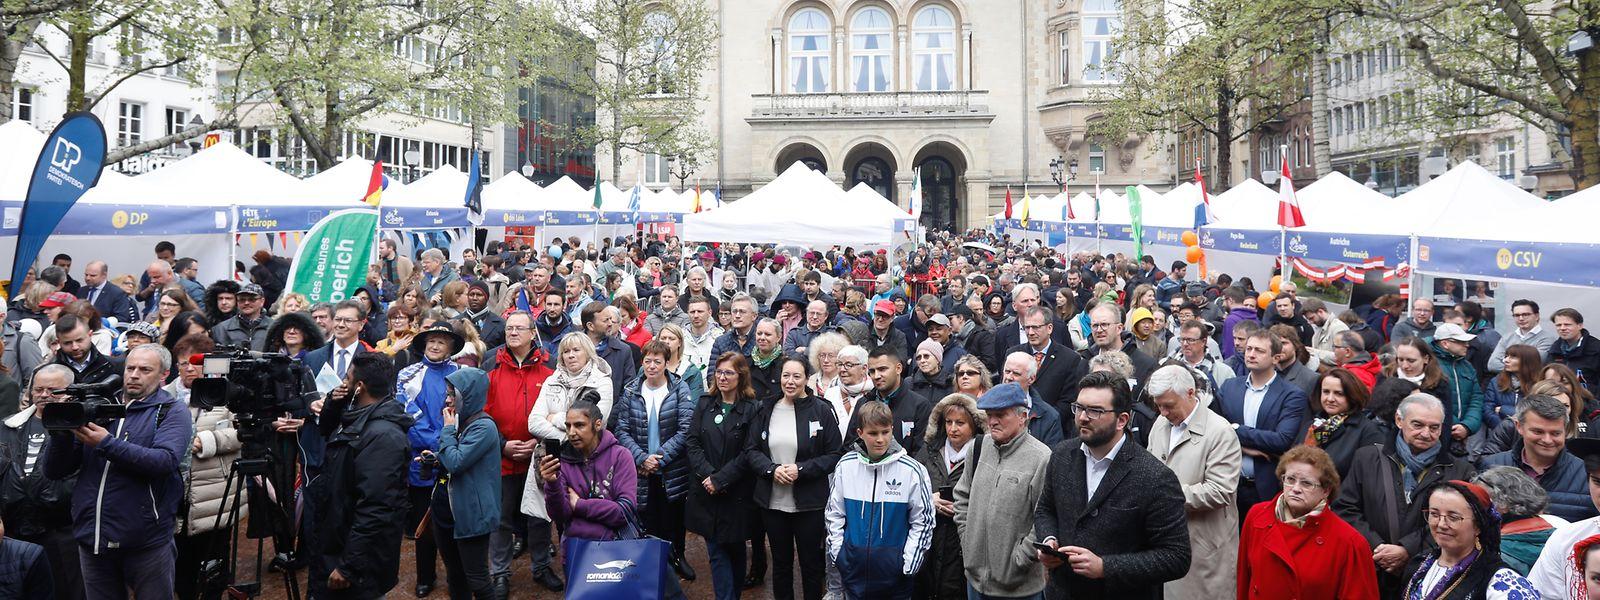 Auf der Place d'Armes versammelten sich am Donnerstag trotz schlechten Wetters zahlreiche Bürger, die den Europatag gebührend feierten.